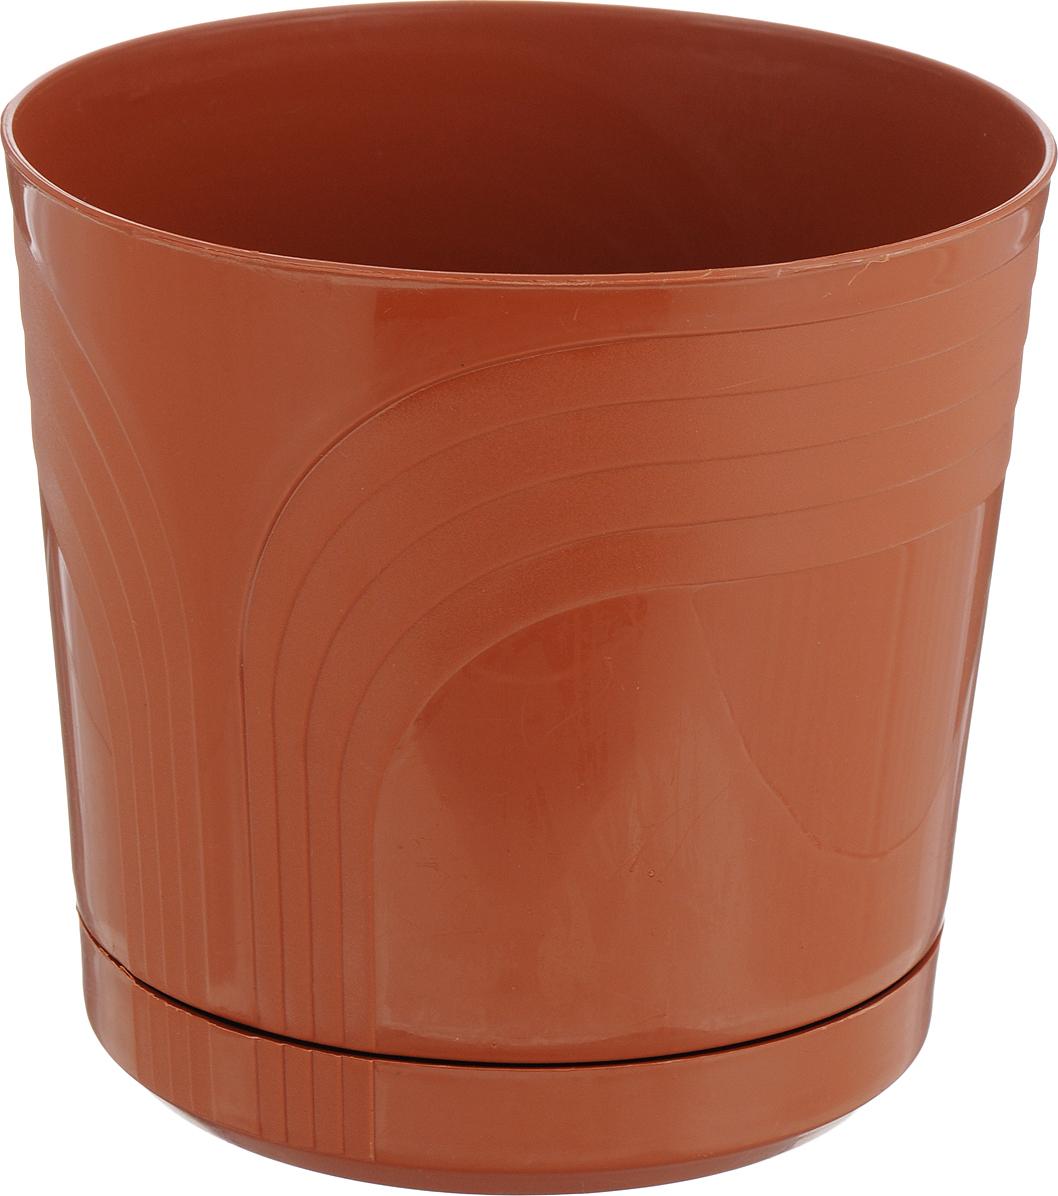 Горшок для цветов Korad, с поддоном, K312, диаметр 15 см горшок с поддоном d13см h12см стекло розовый